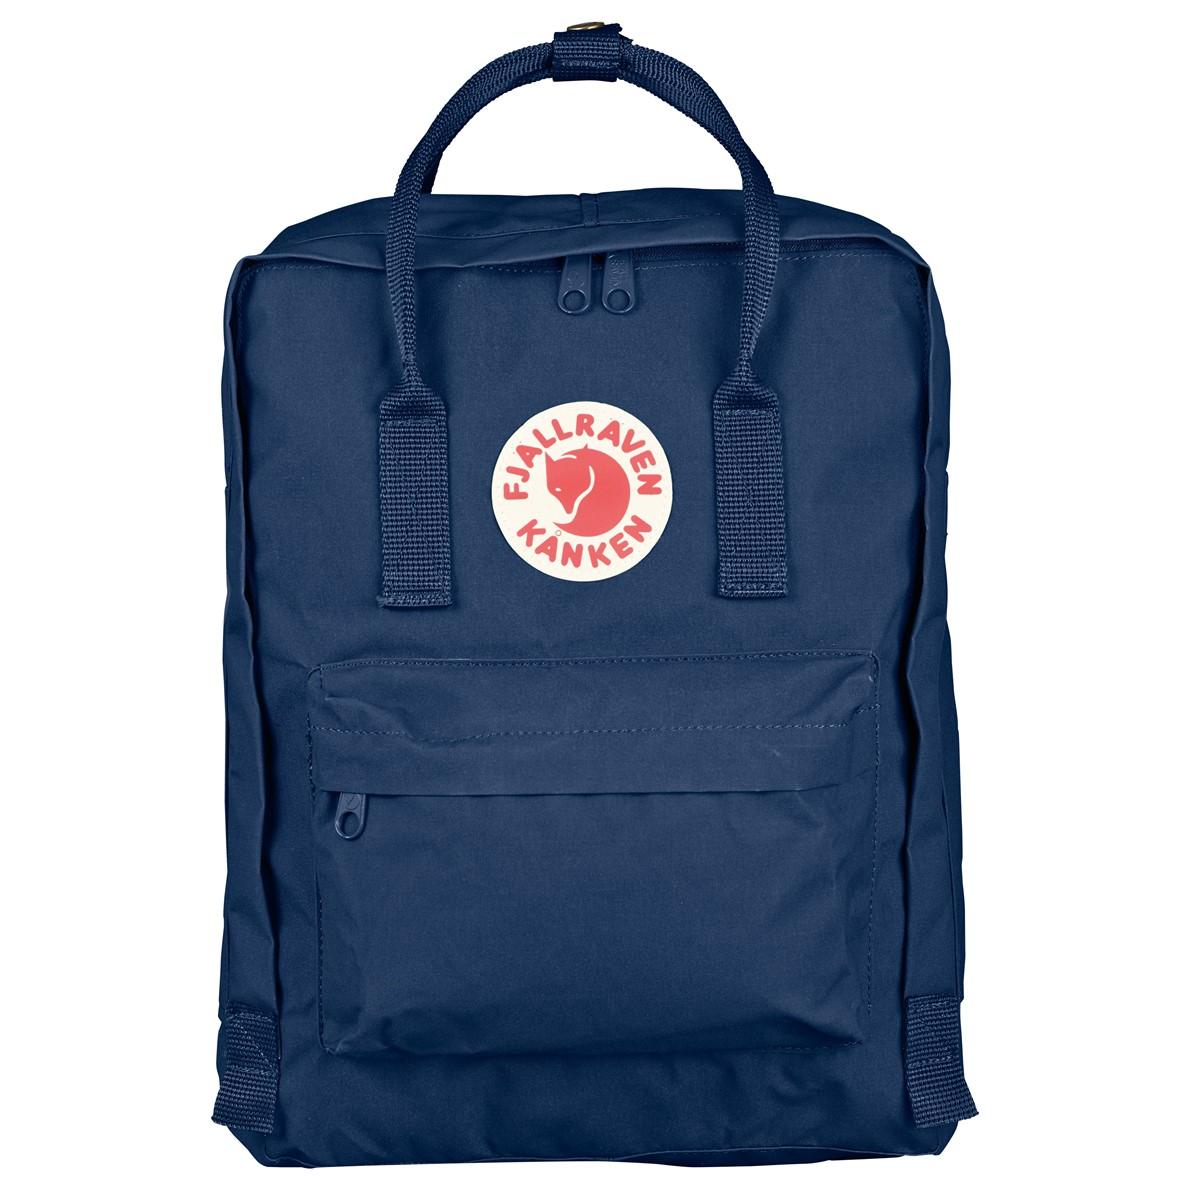 Kanken Backpack in Blue